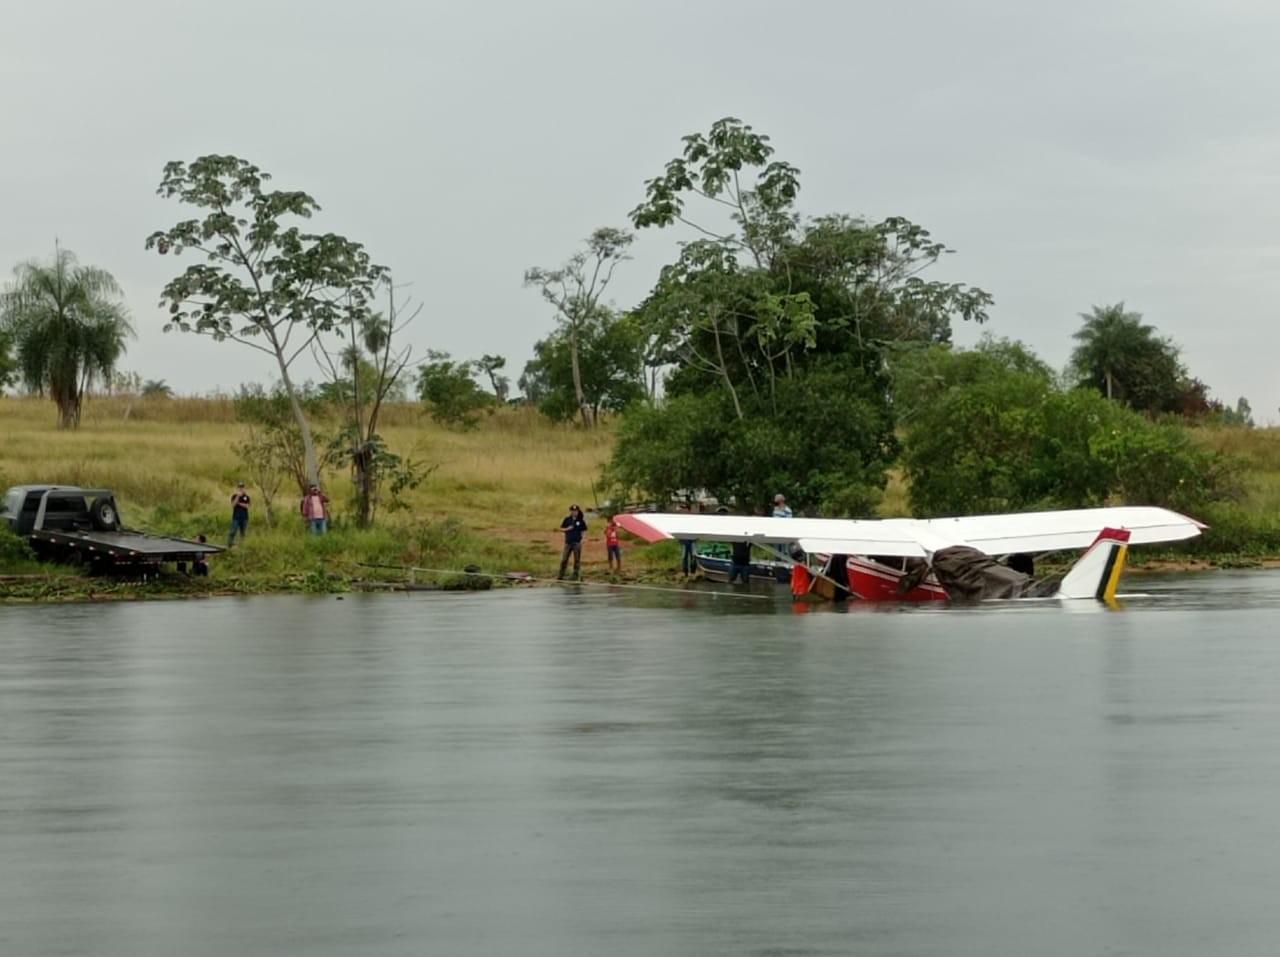 Avião que estava submerso é retirado do Rio Paraná dois dias após acidente aéreo em Presidente Epitácio